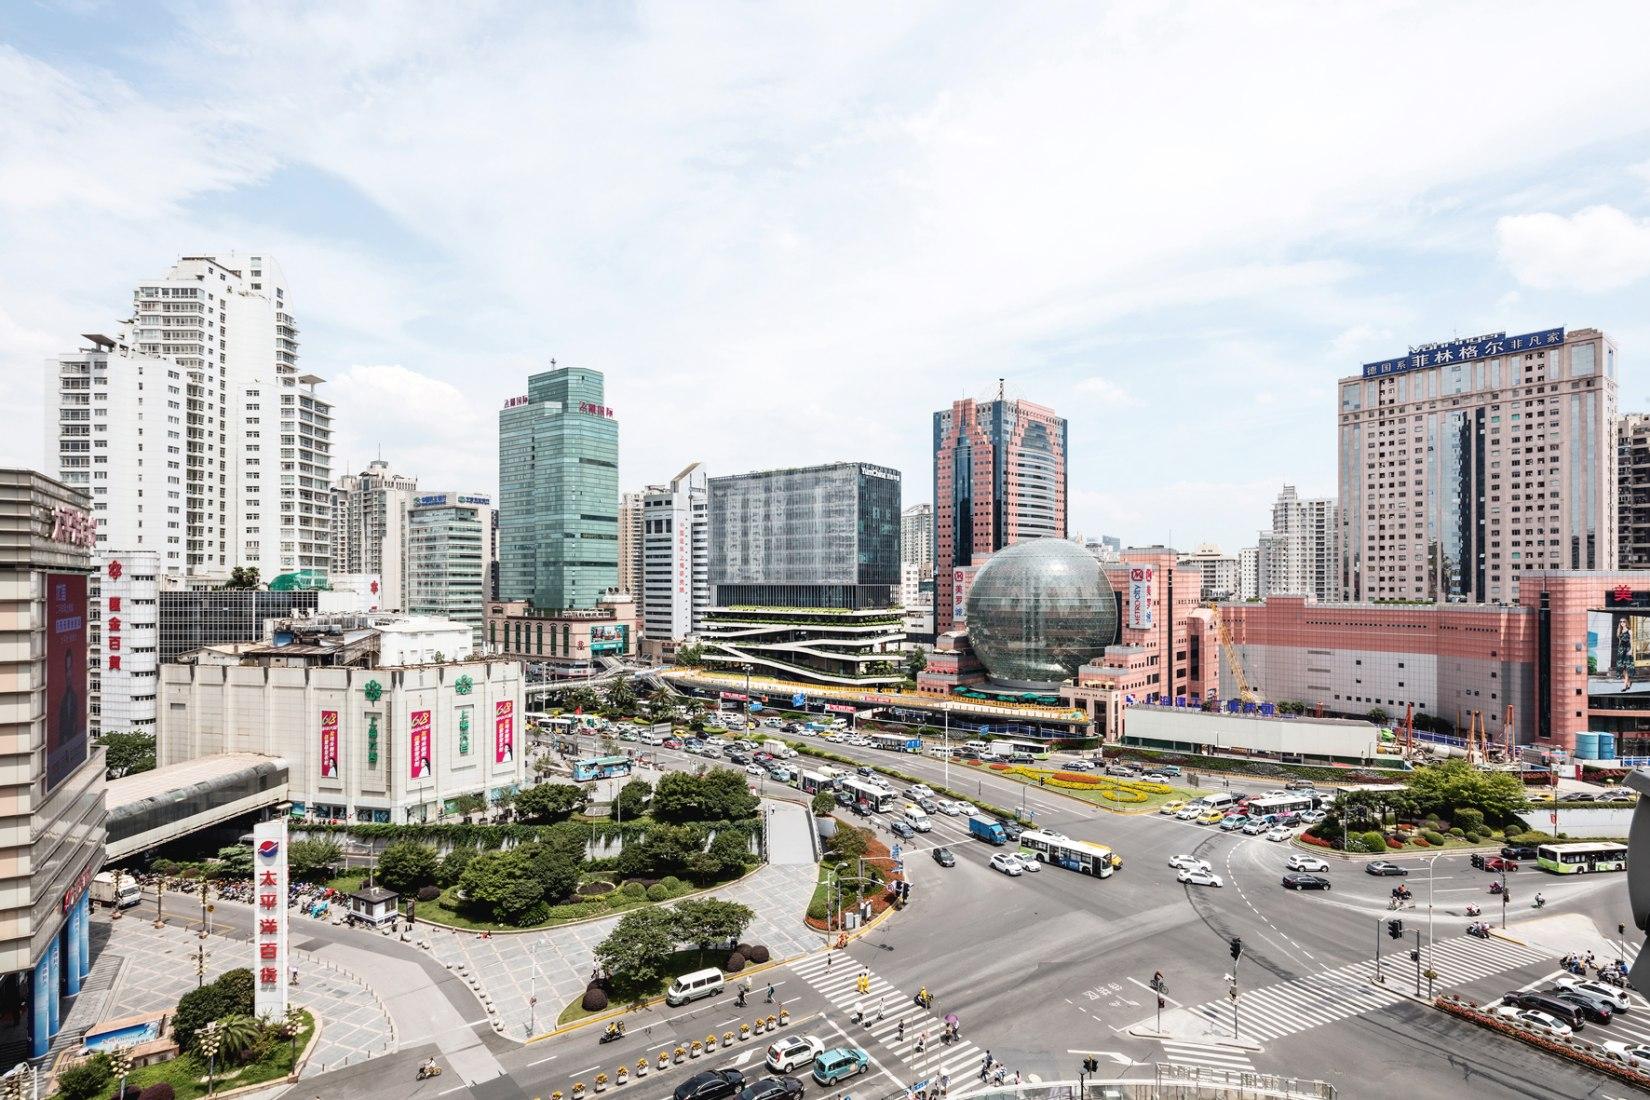 T20 en Xujiahui por Jacques Ferrier Architecture y Sensual City Studio. Fotografía por Luc Boegly.